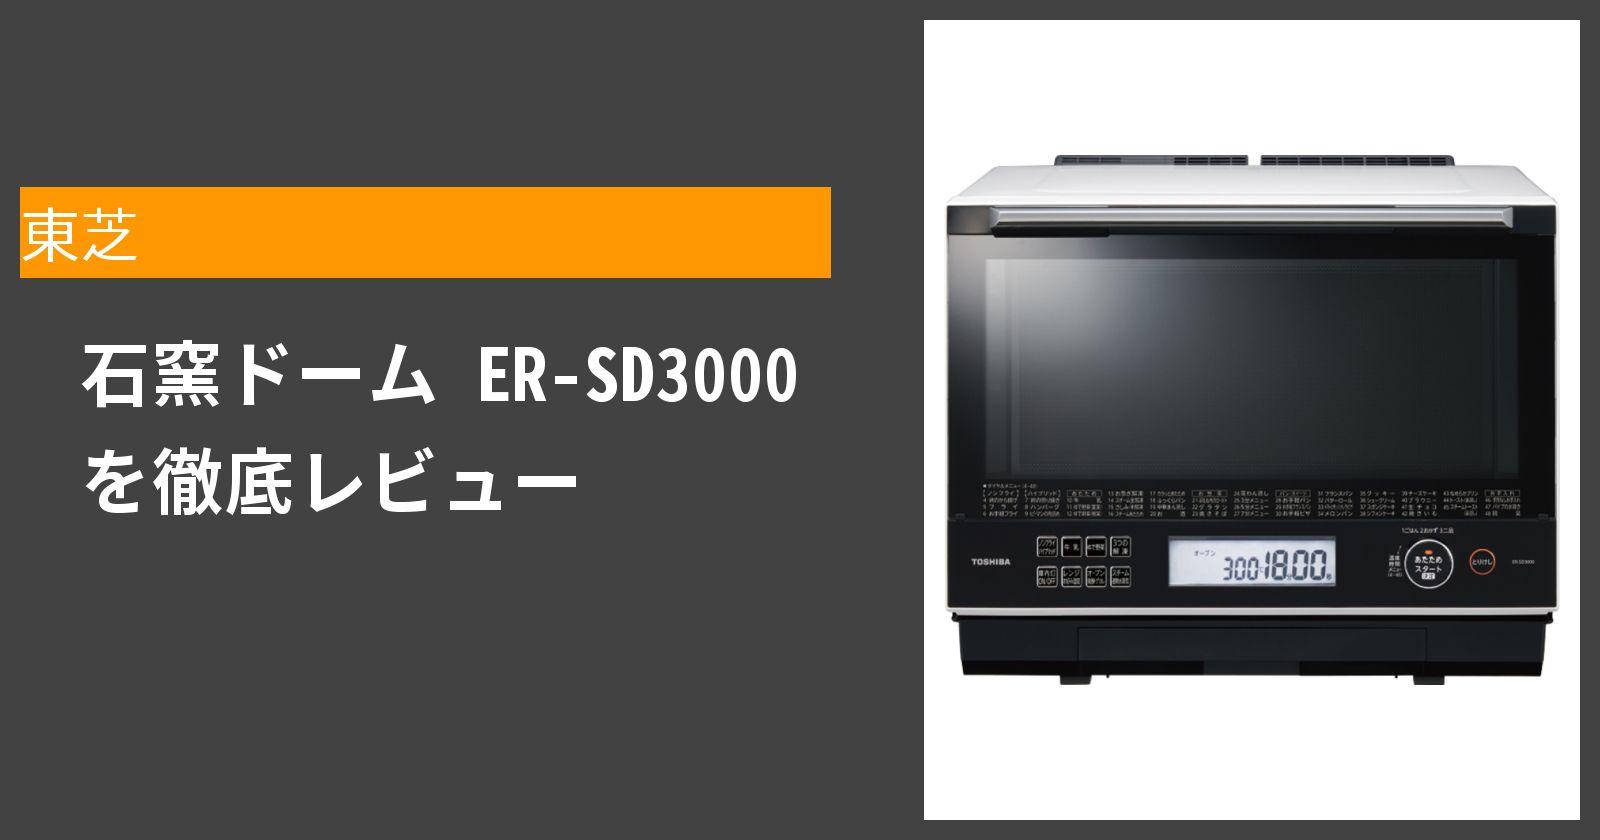 石窯ドーム ER-SD3000を徹底評価